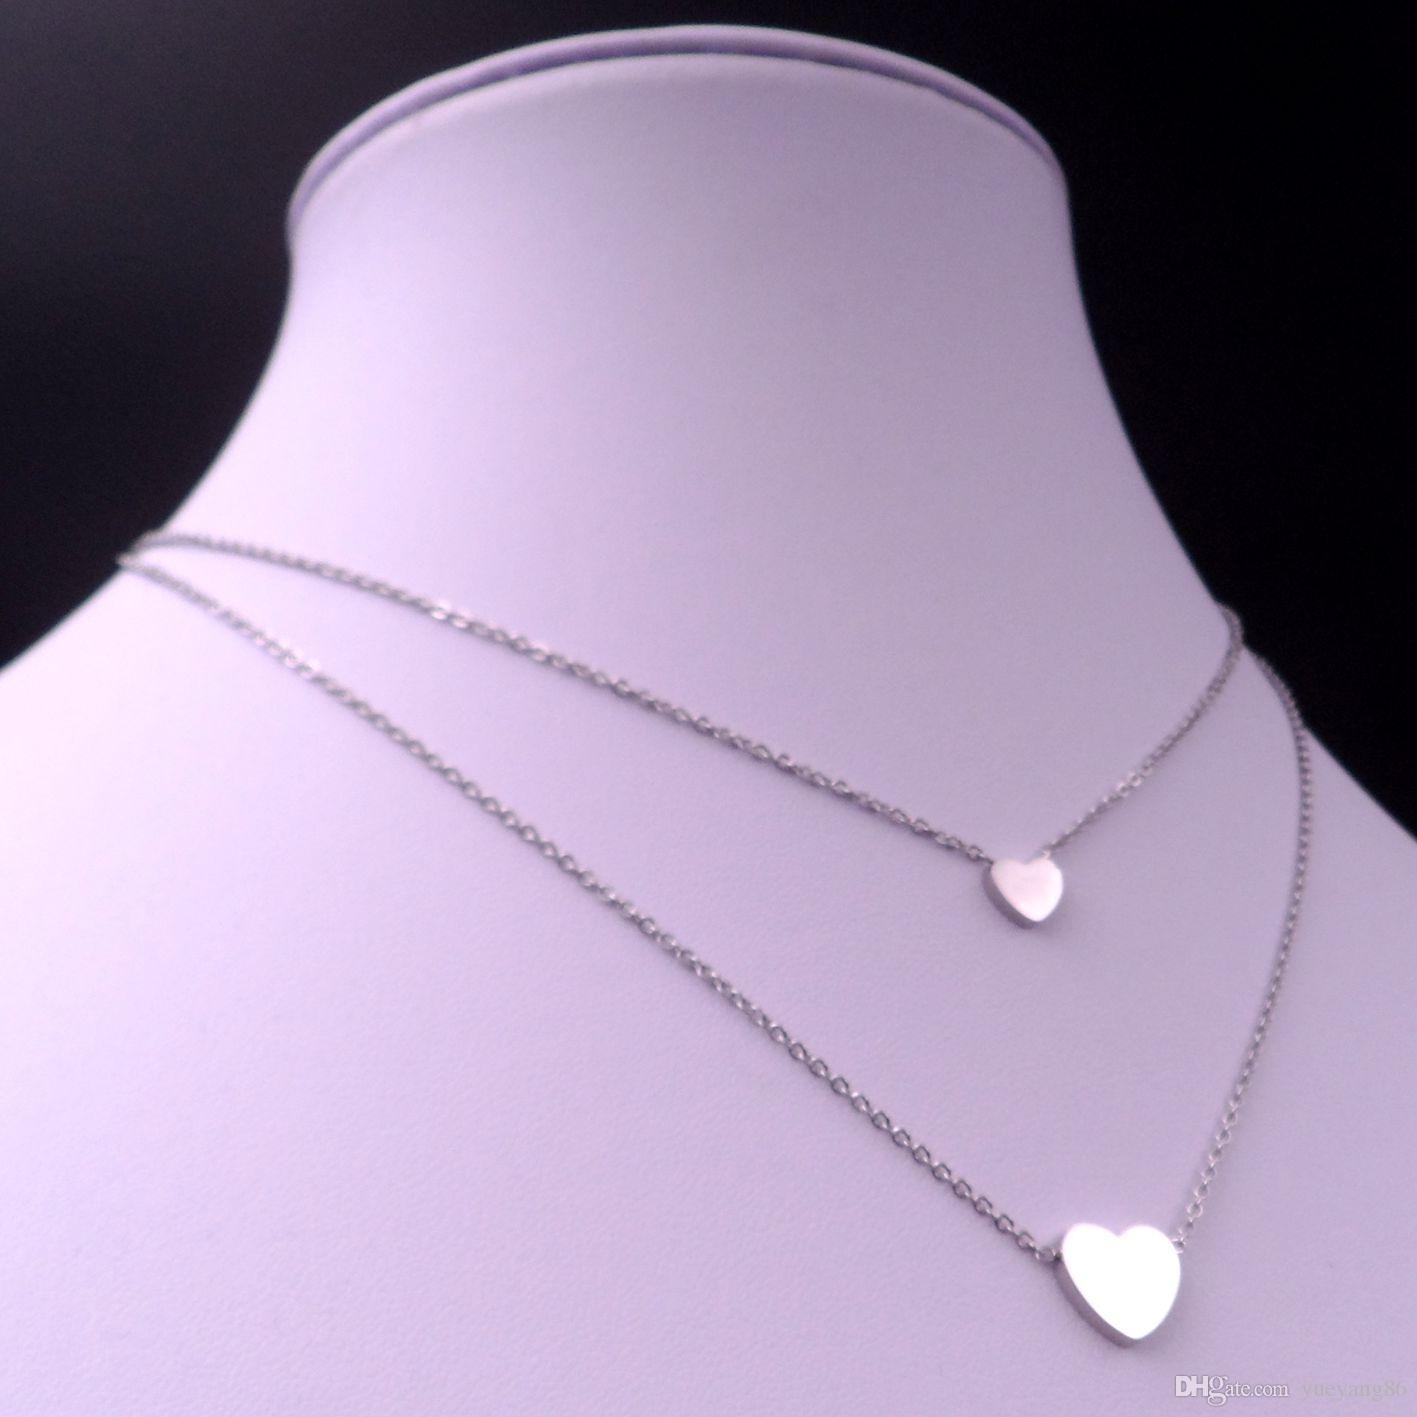 Freies verschiffen Nizza design GNAAY SCHMUCK bester preis Silber Edelstahl Nette reizende Art Doppel Herz Anhänger halskette kette Frauen Mädchen